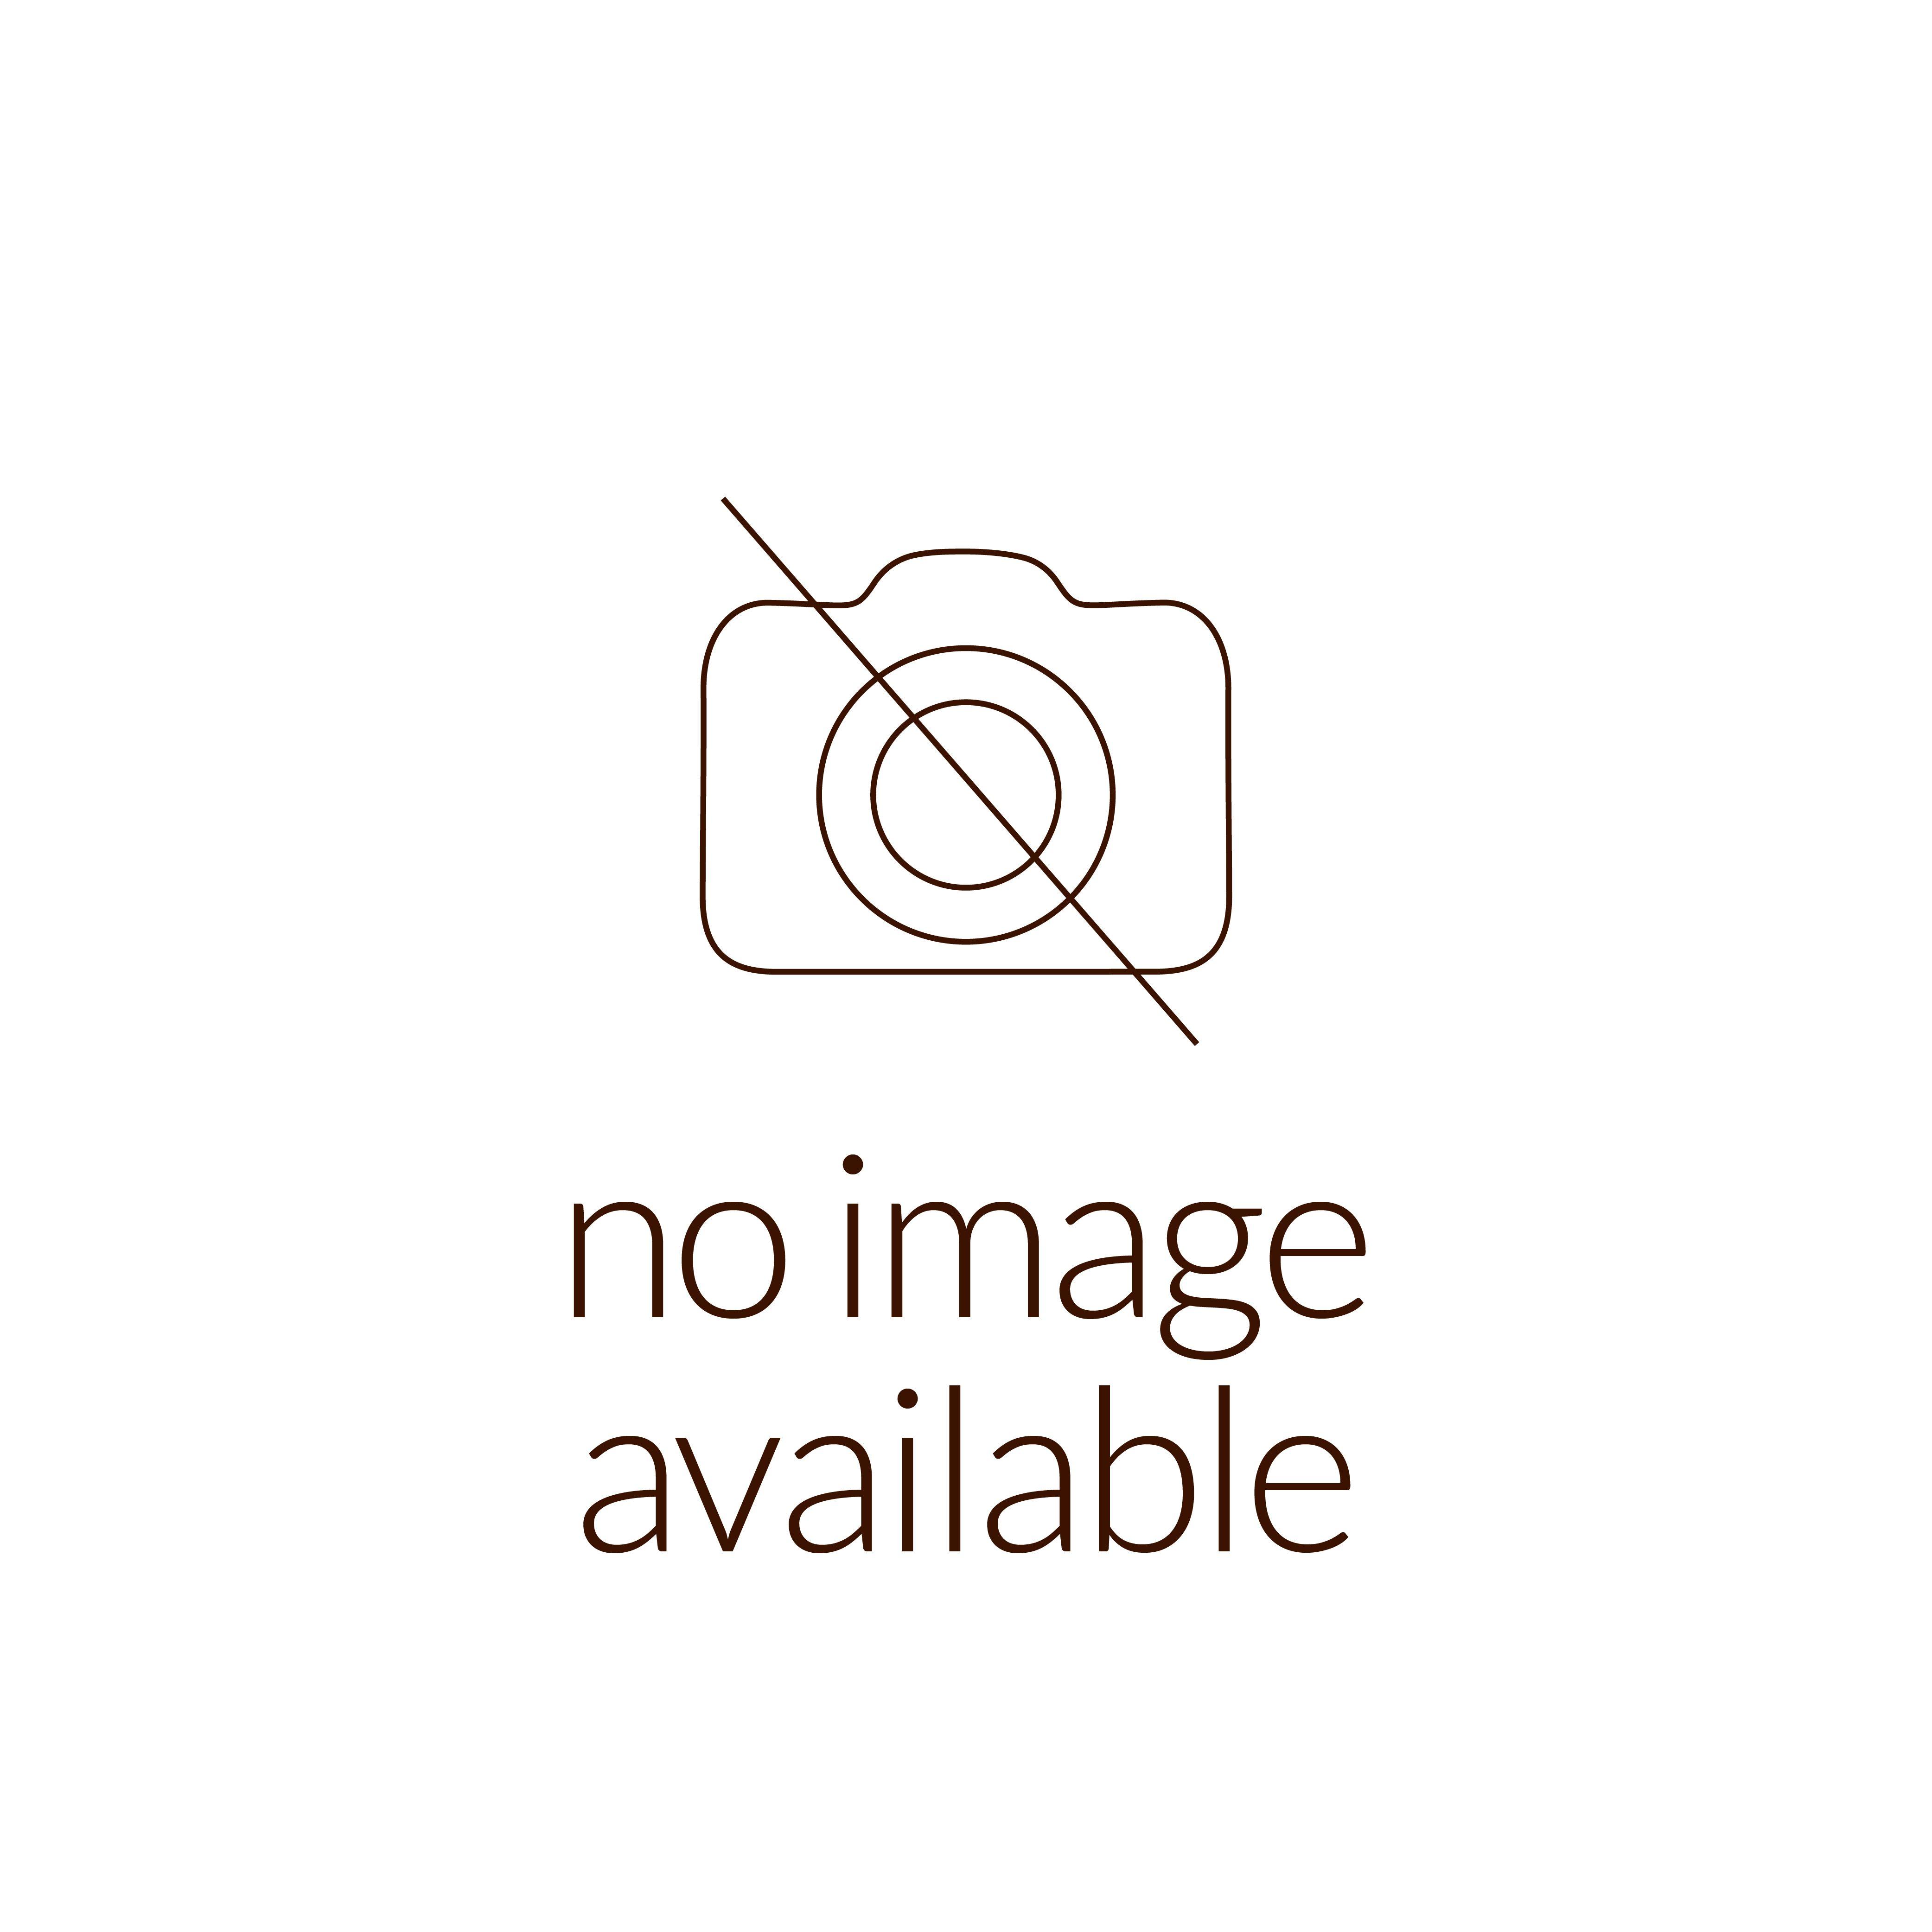 """מטבע זיכרון, הכנרת - אתרים בארץ הקודש, זהב קשוט, 22 מ""""מ, 8.63 גרם - צד הנושא"""